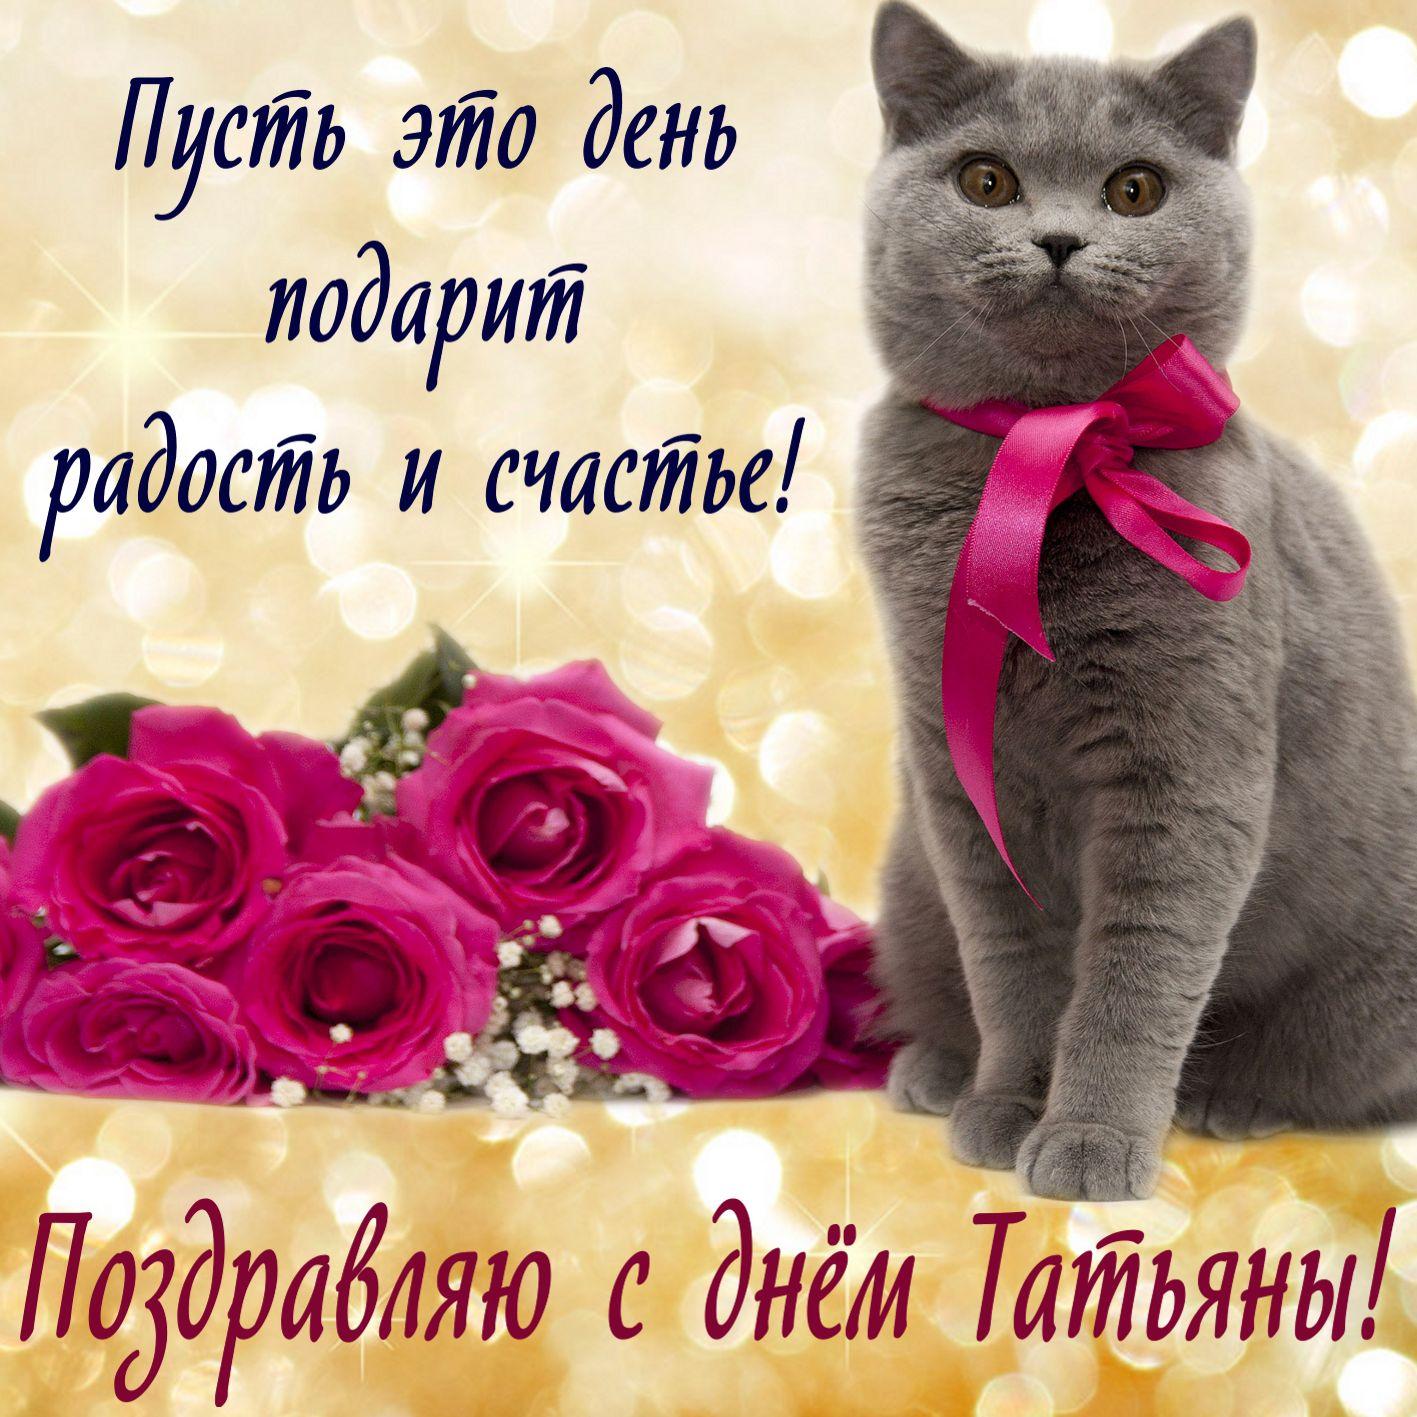 Красивый котик желает счастья в День Татьяны